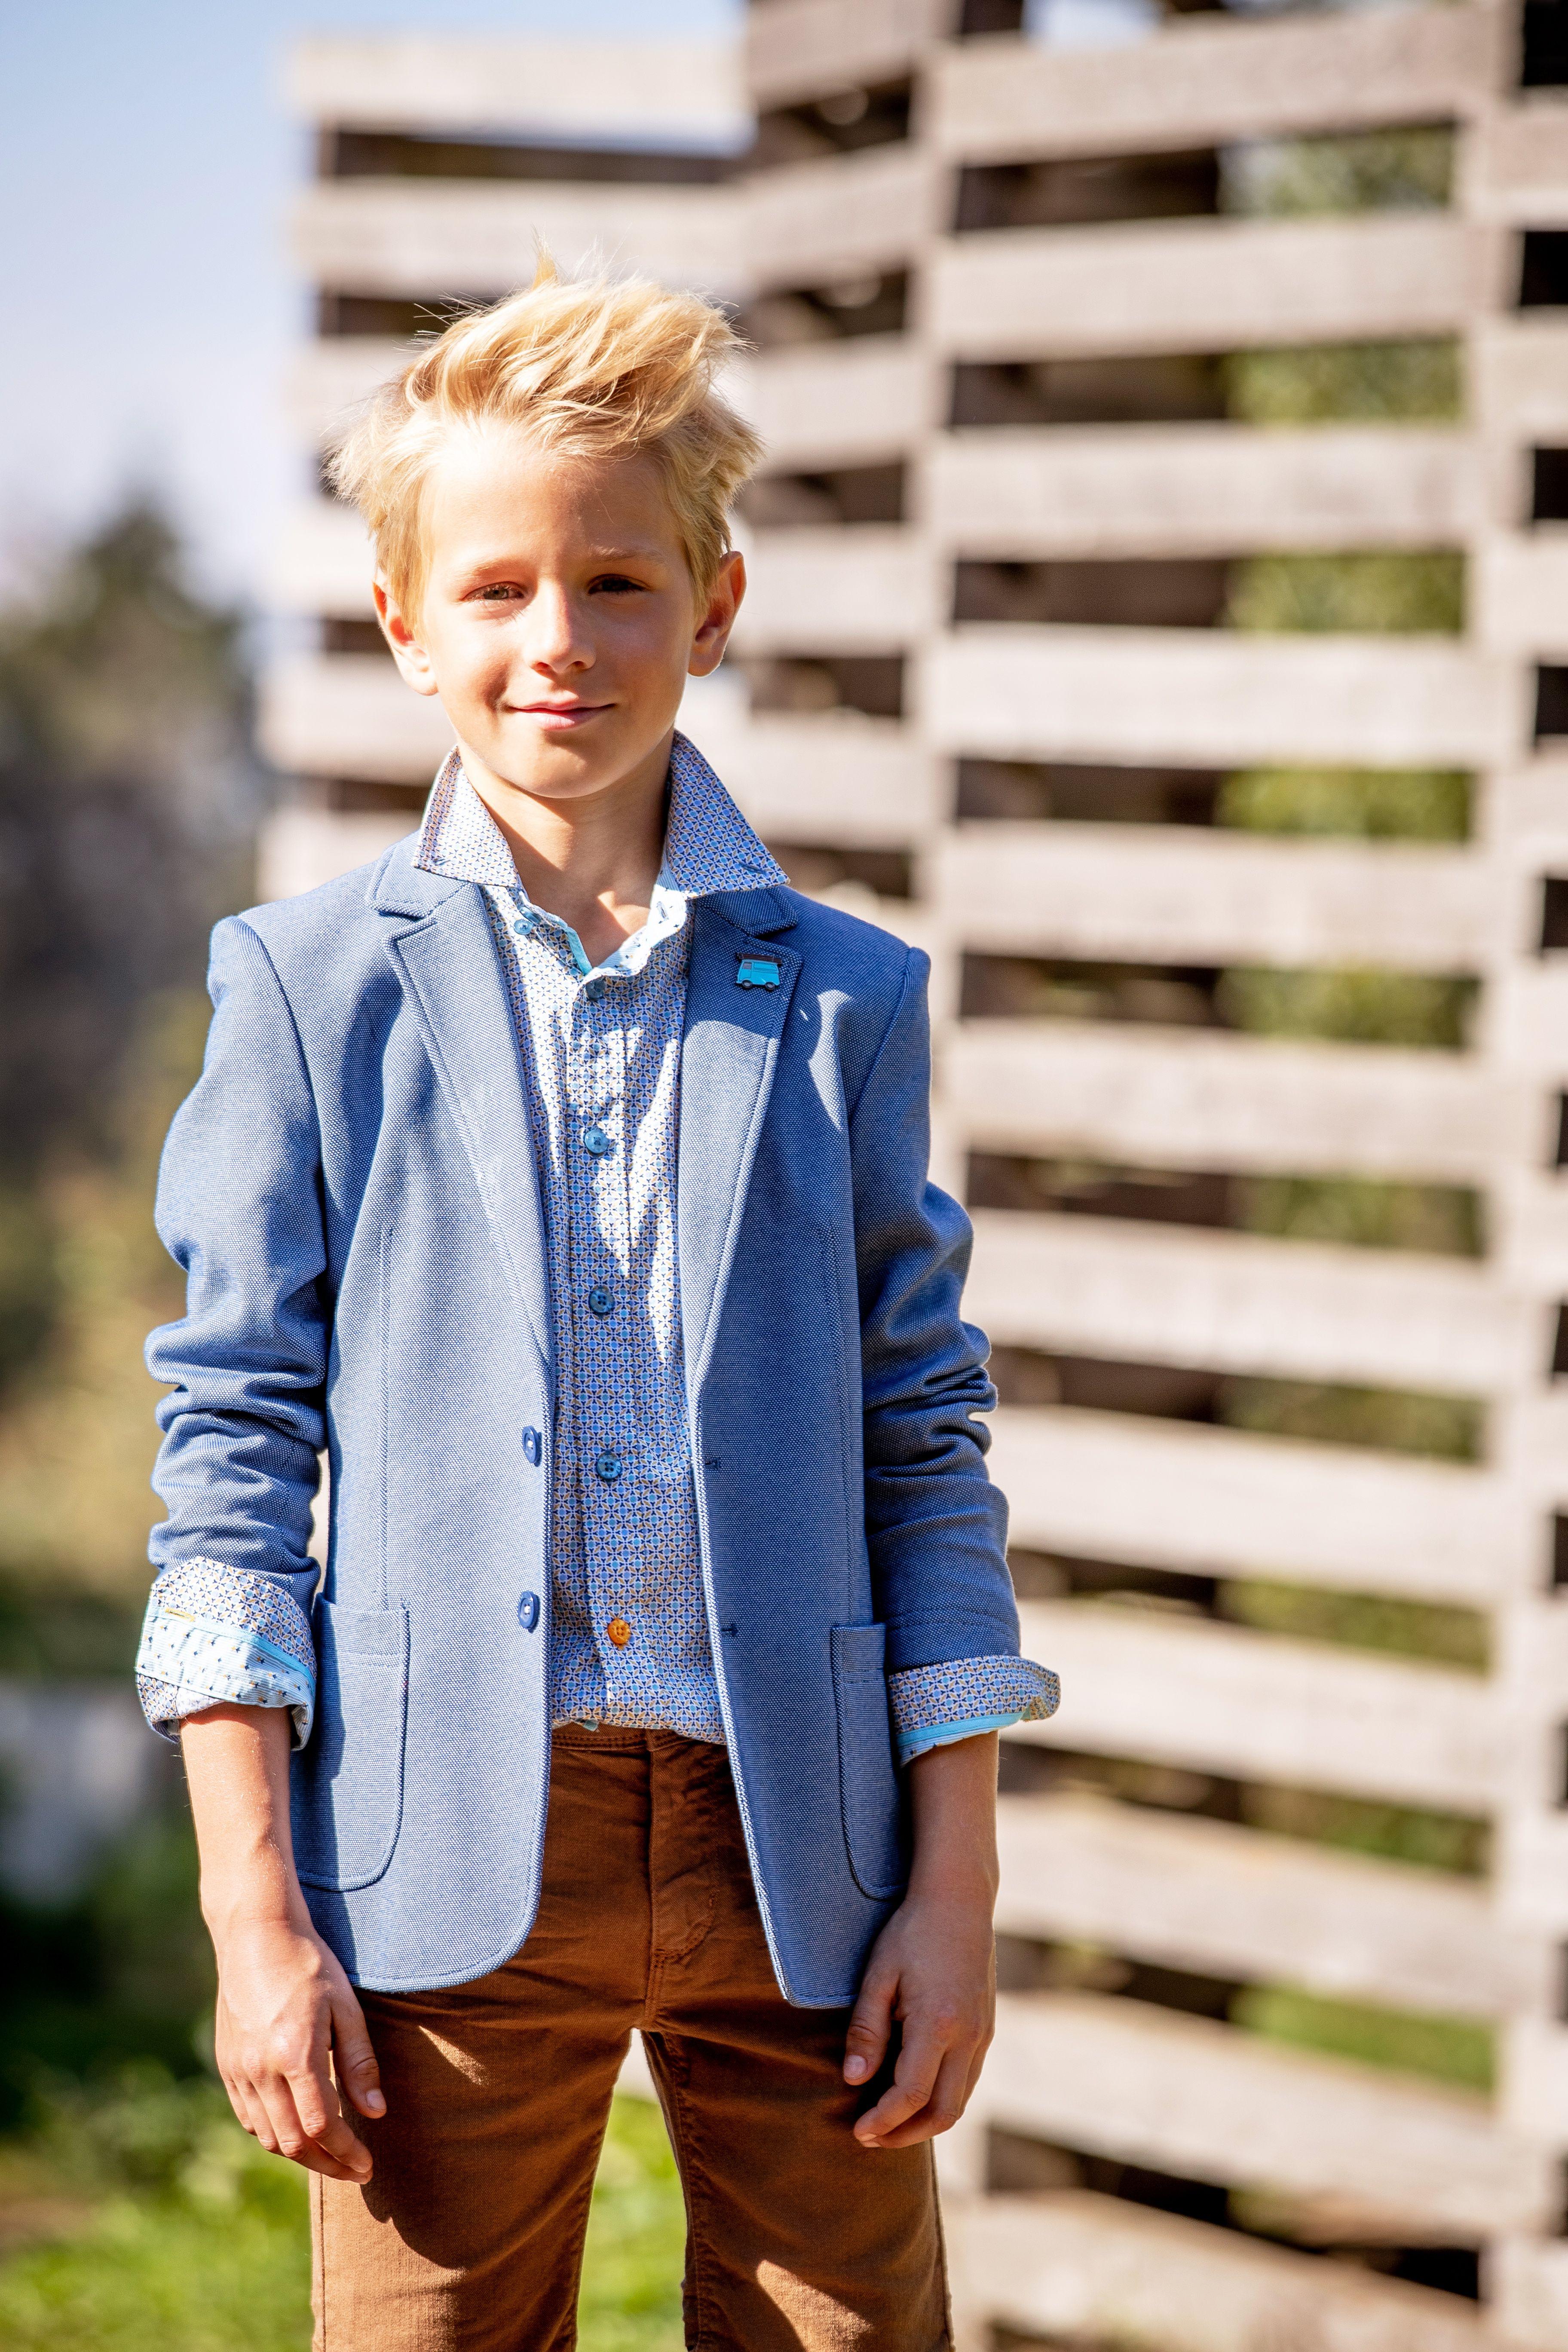 74df0e83375 Communie collectie | Kids - Outfits, Lederen jas en Sportieve outfits